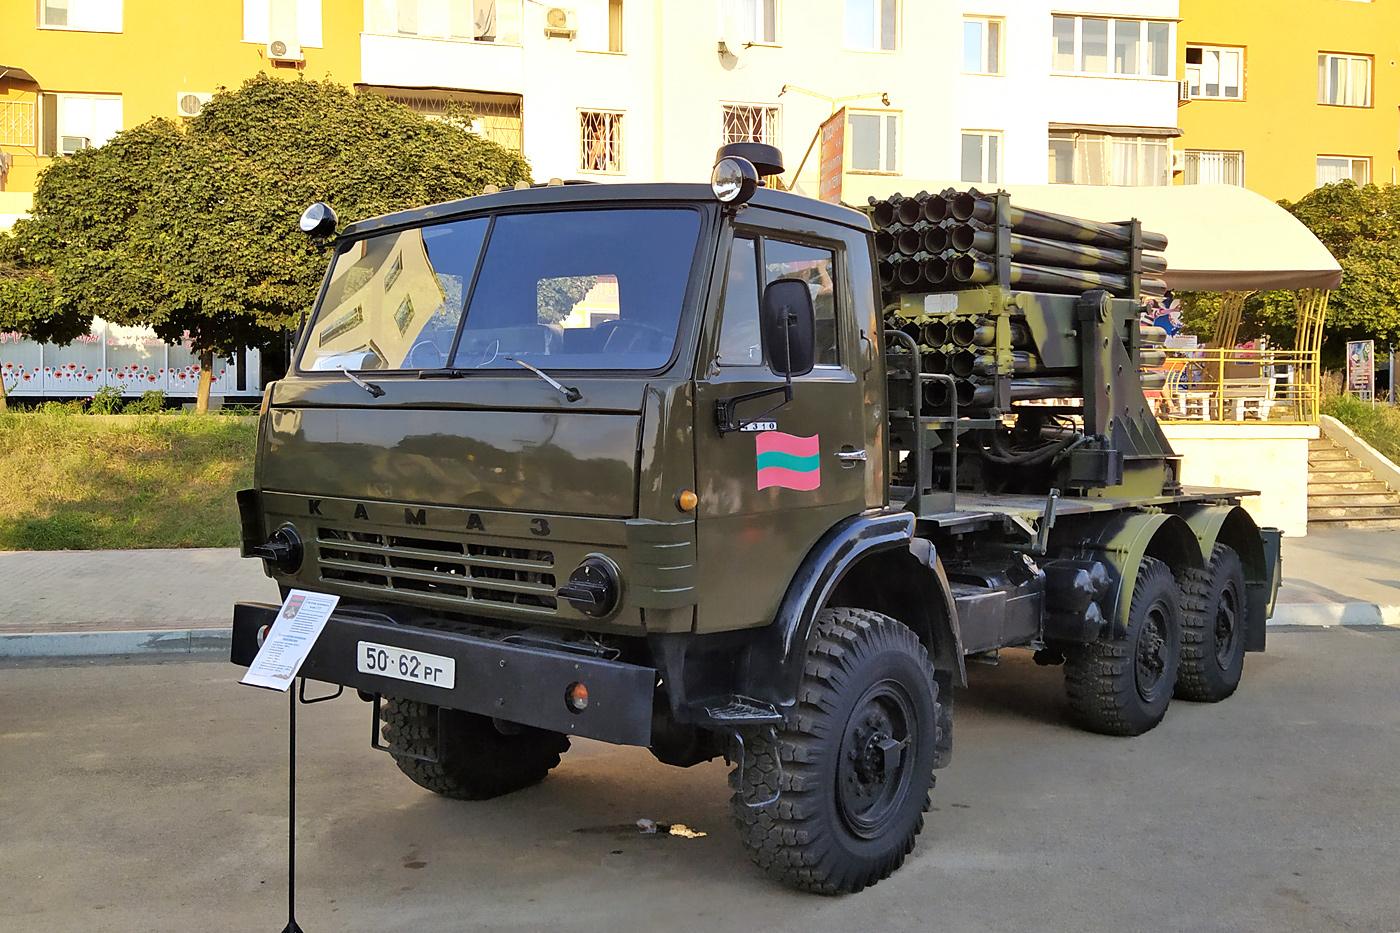 Система залпового огня С2Т на шасси автомобиля КамАЗ. Приднестровье, Тирасполь, Набережный переулок